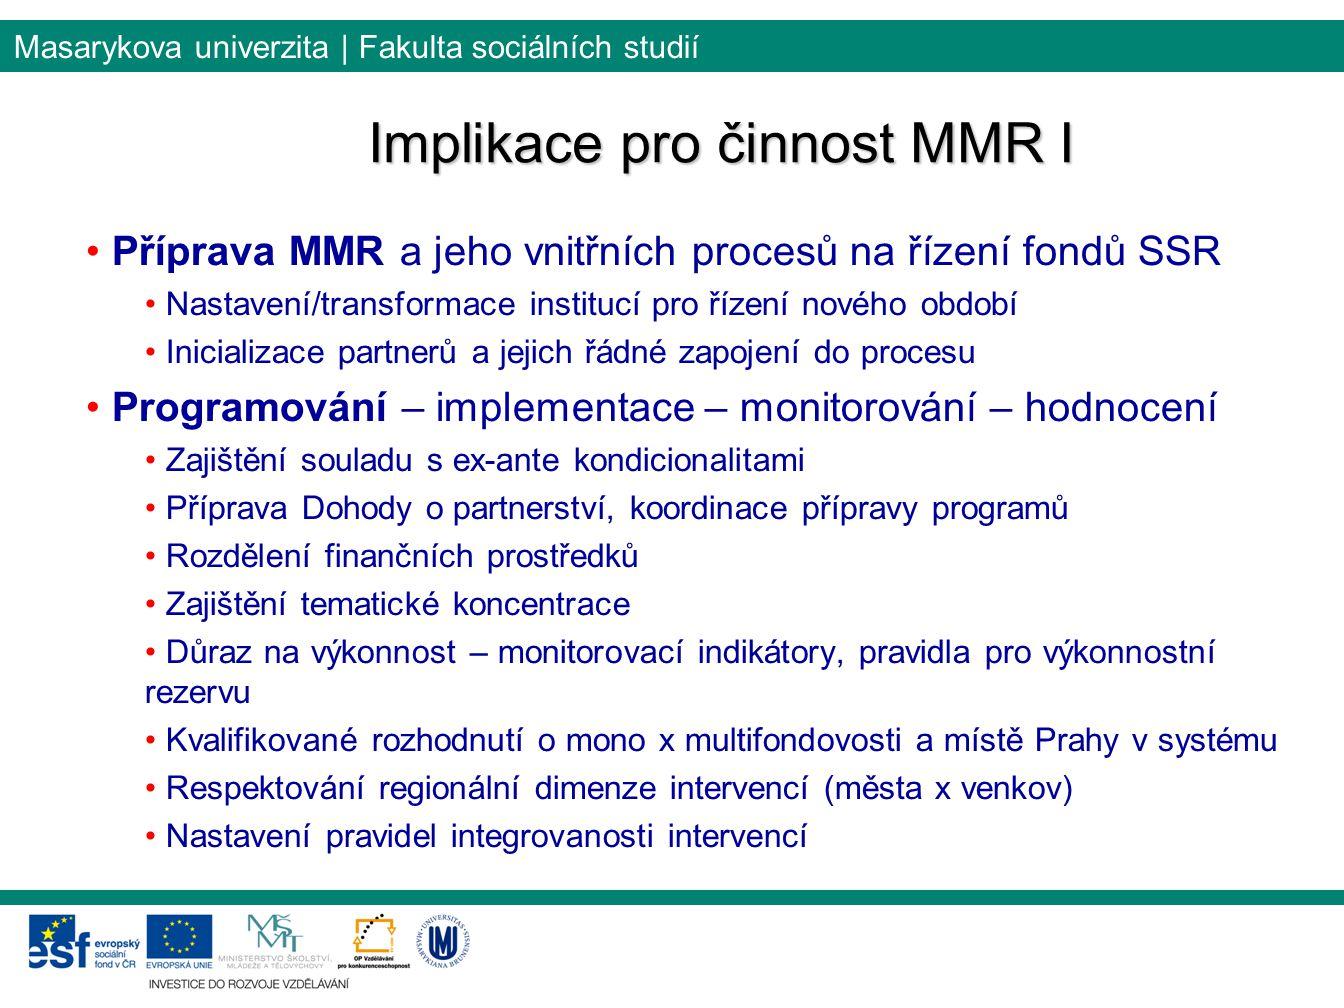 Implikace pro činnost MMR I